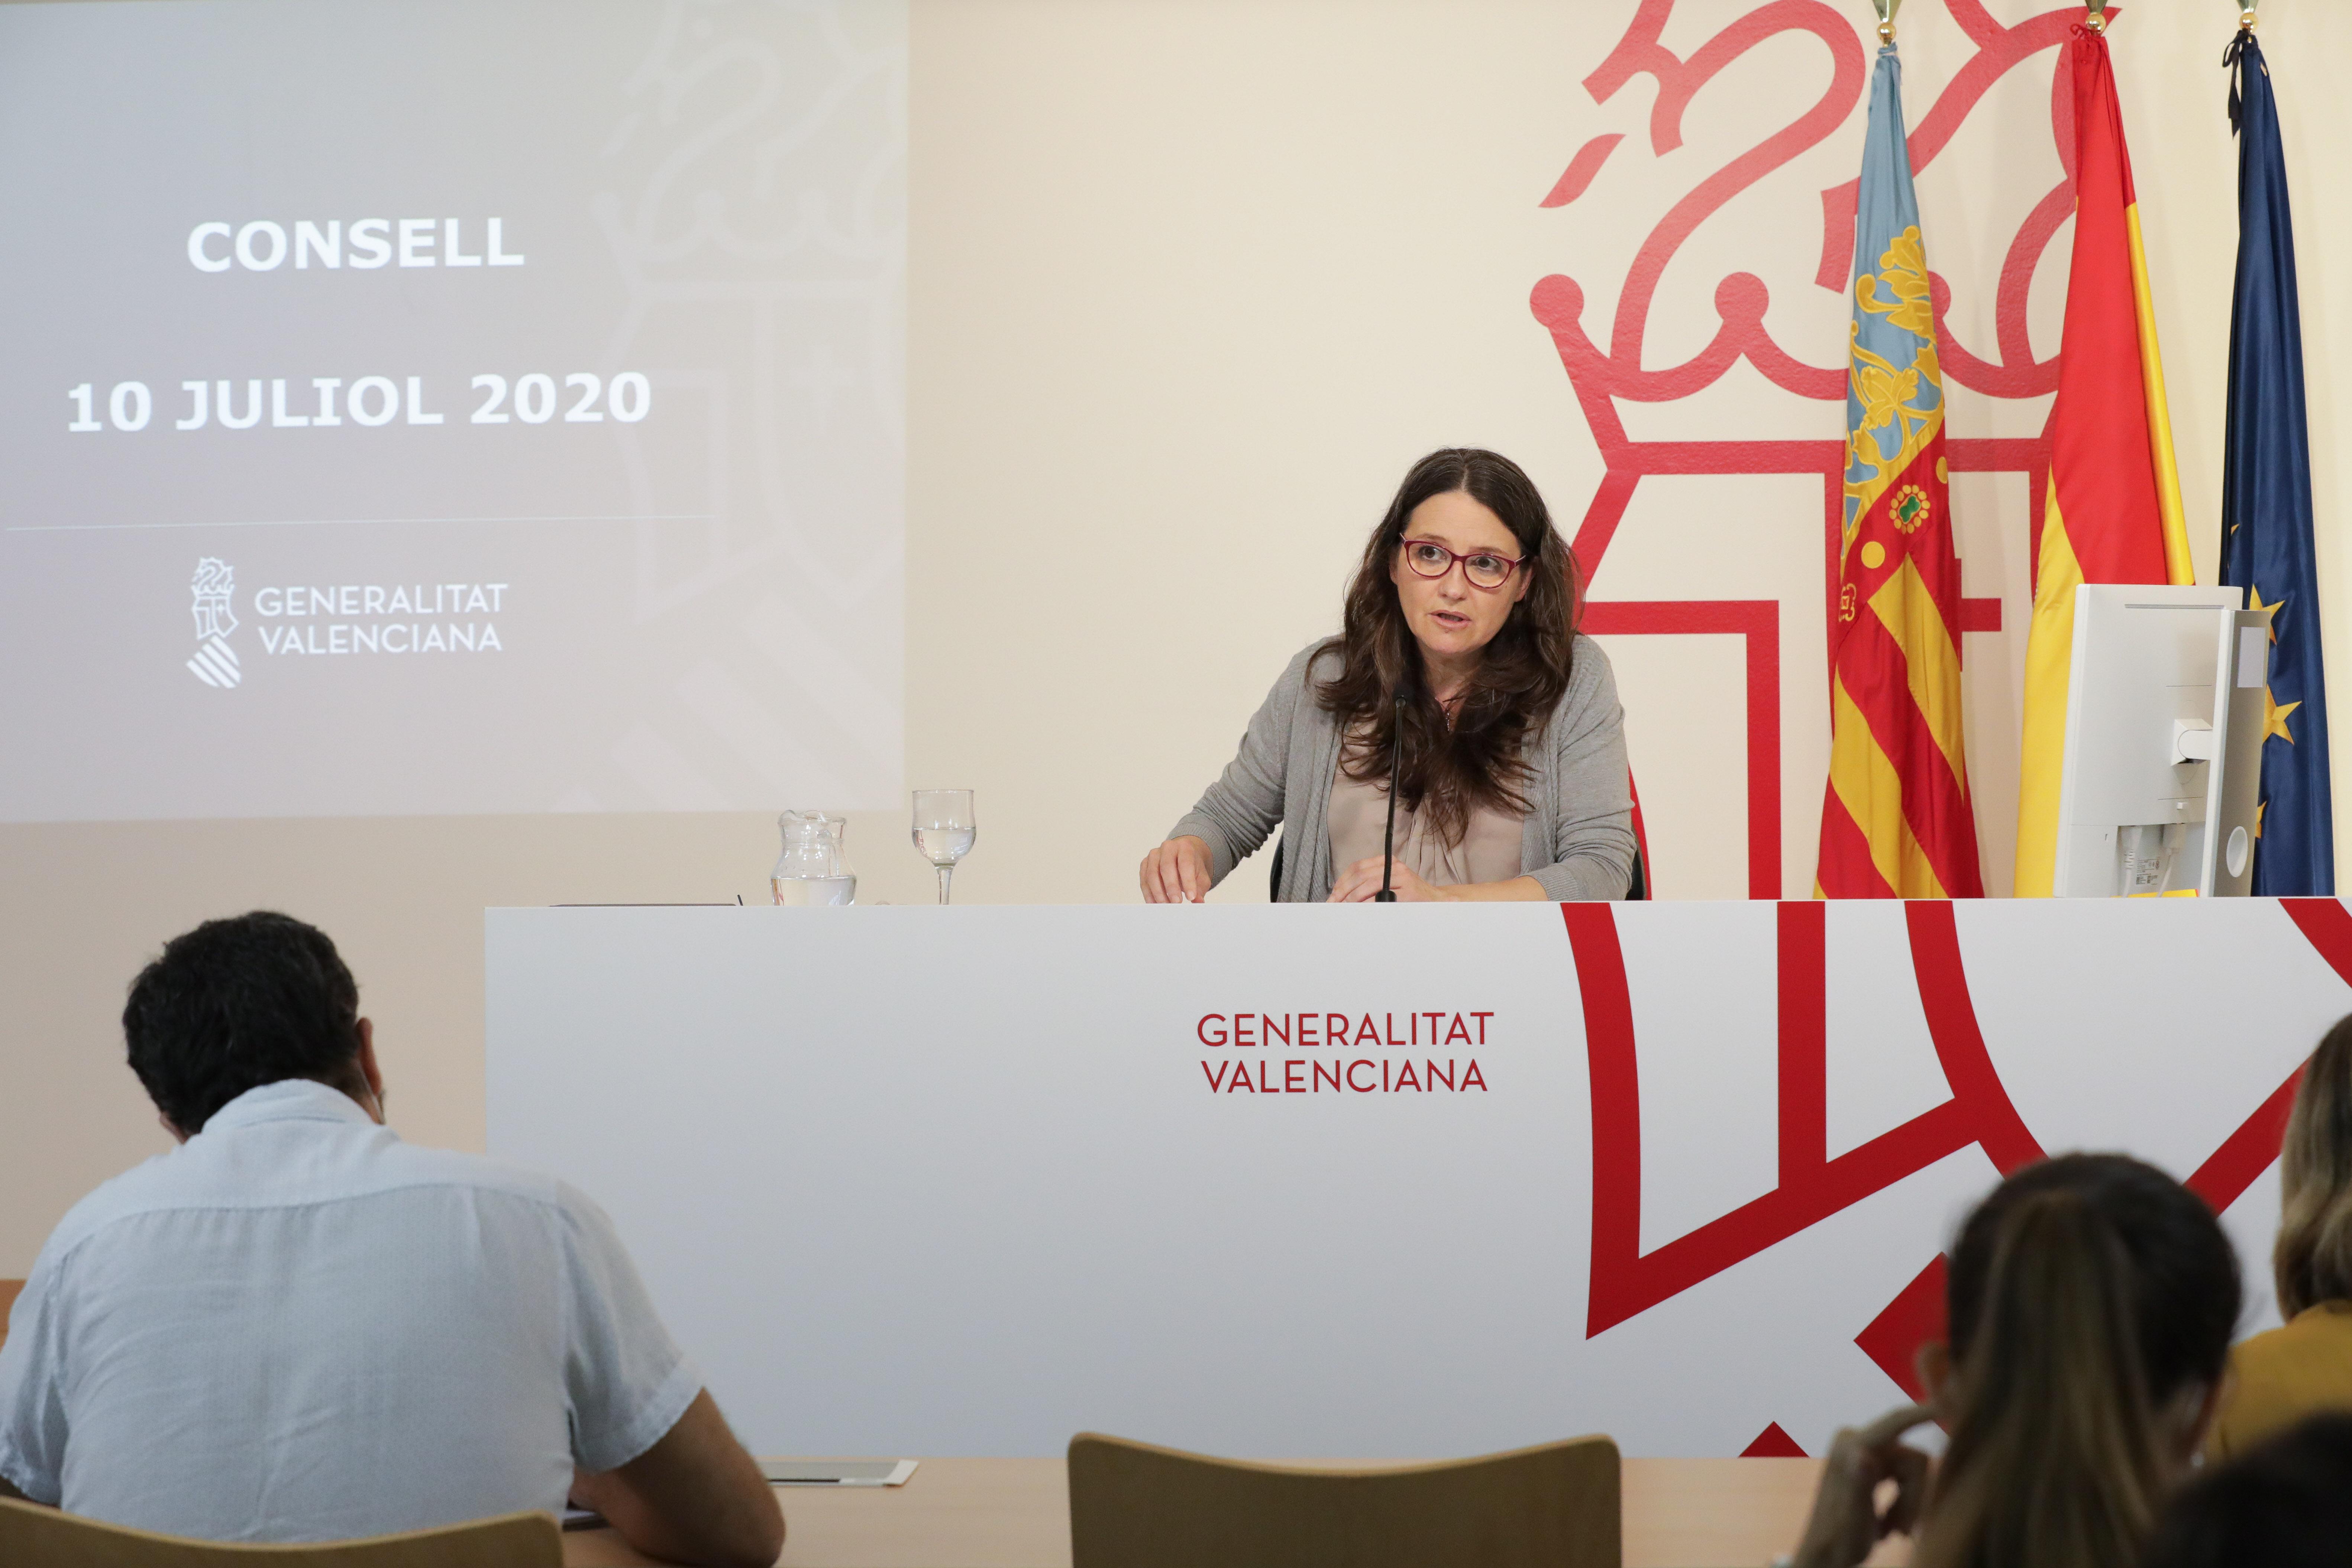 El Consell adopta medidas frente a la pandemia por la COVID-19 por valor de 3,3 millones de euros